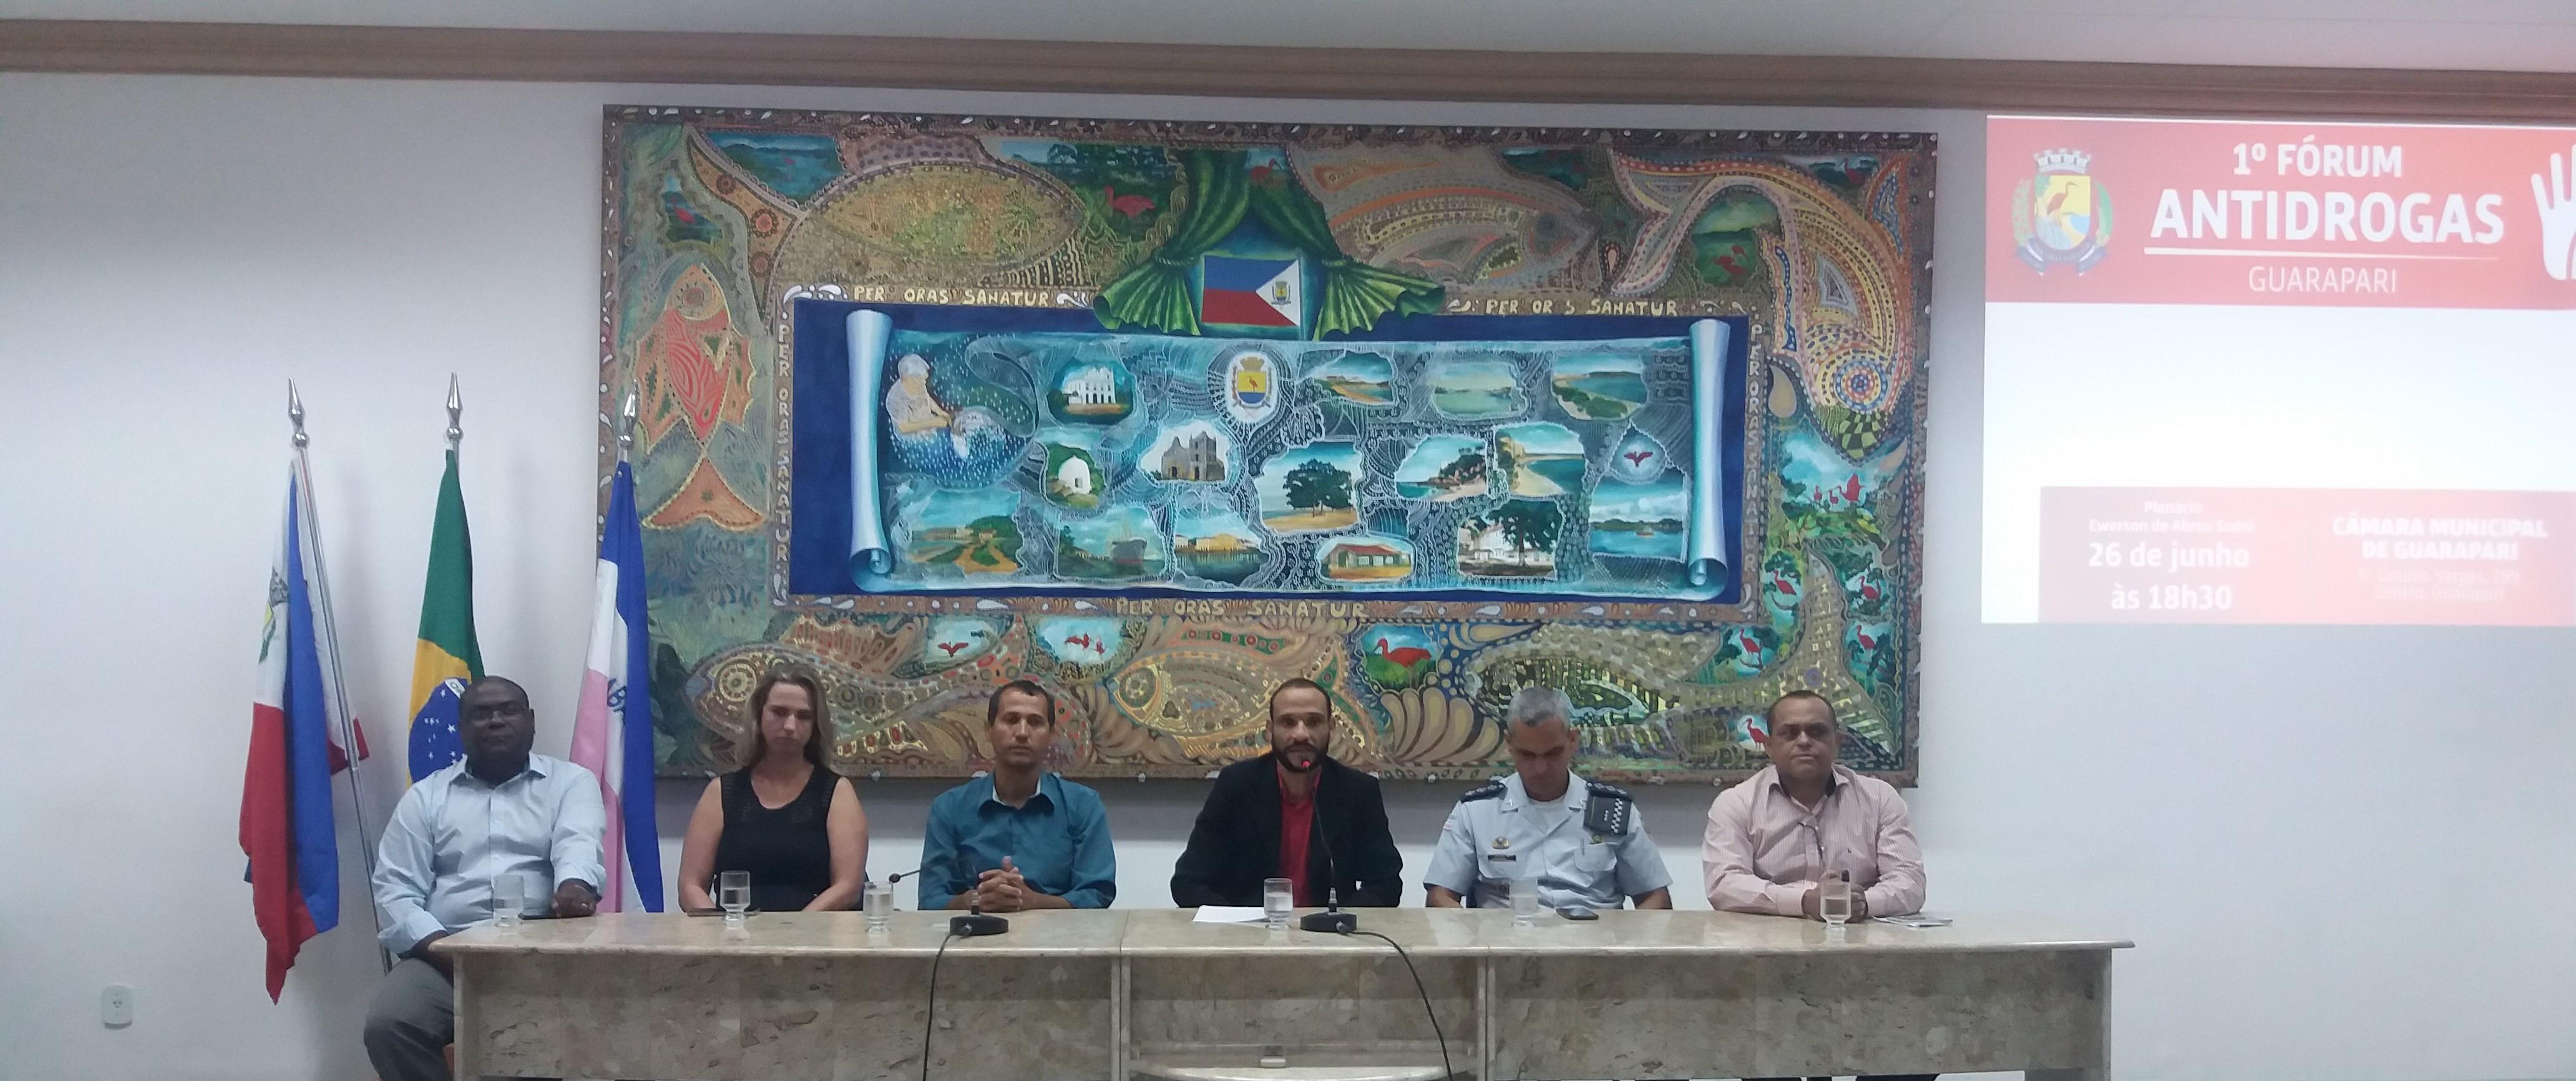 O Fórum contou com a presença de representantes de comunidades terapêuticas e da Polícia Militar